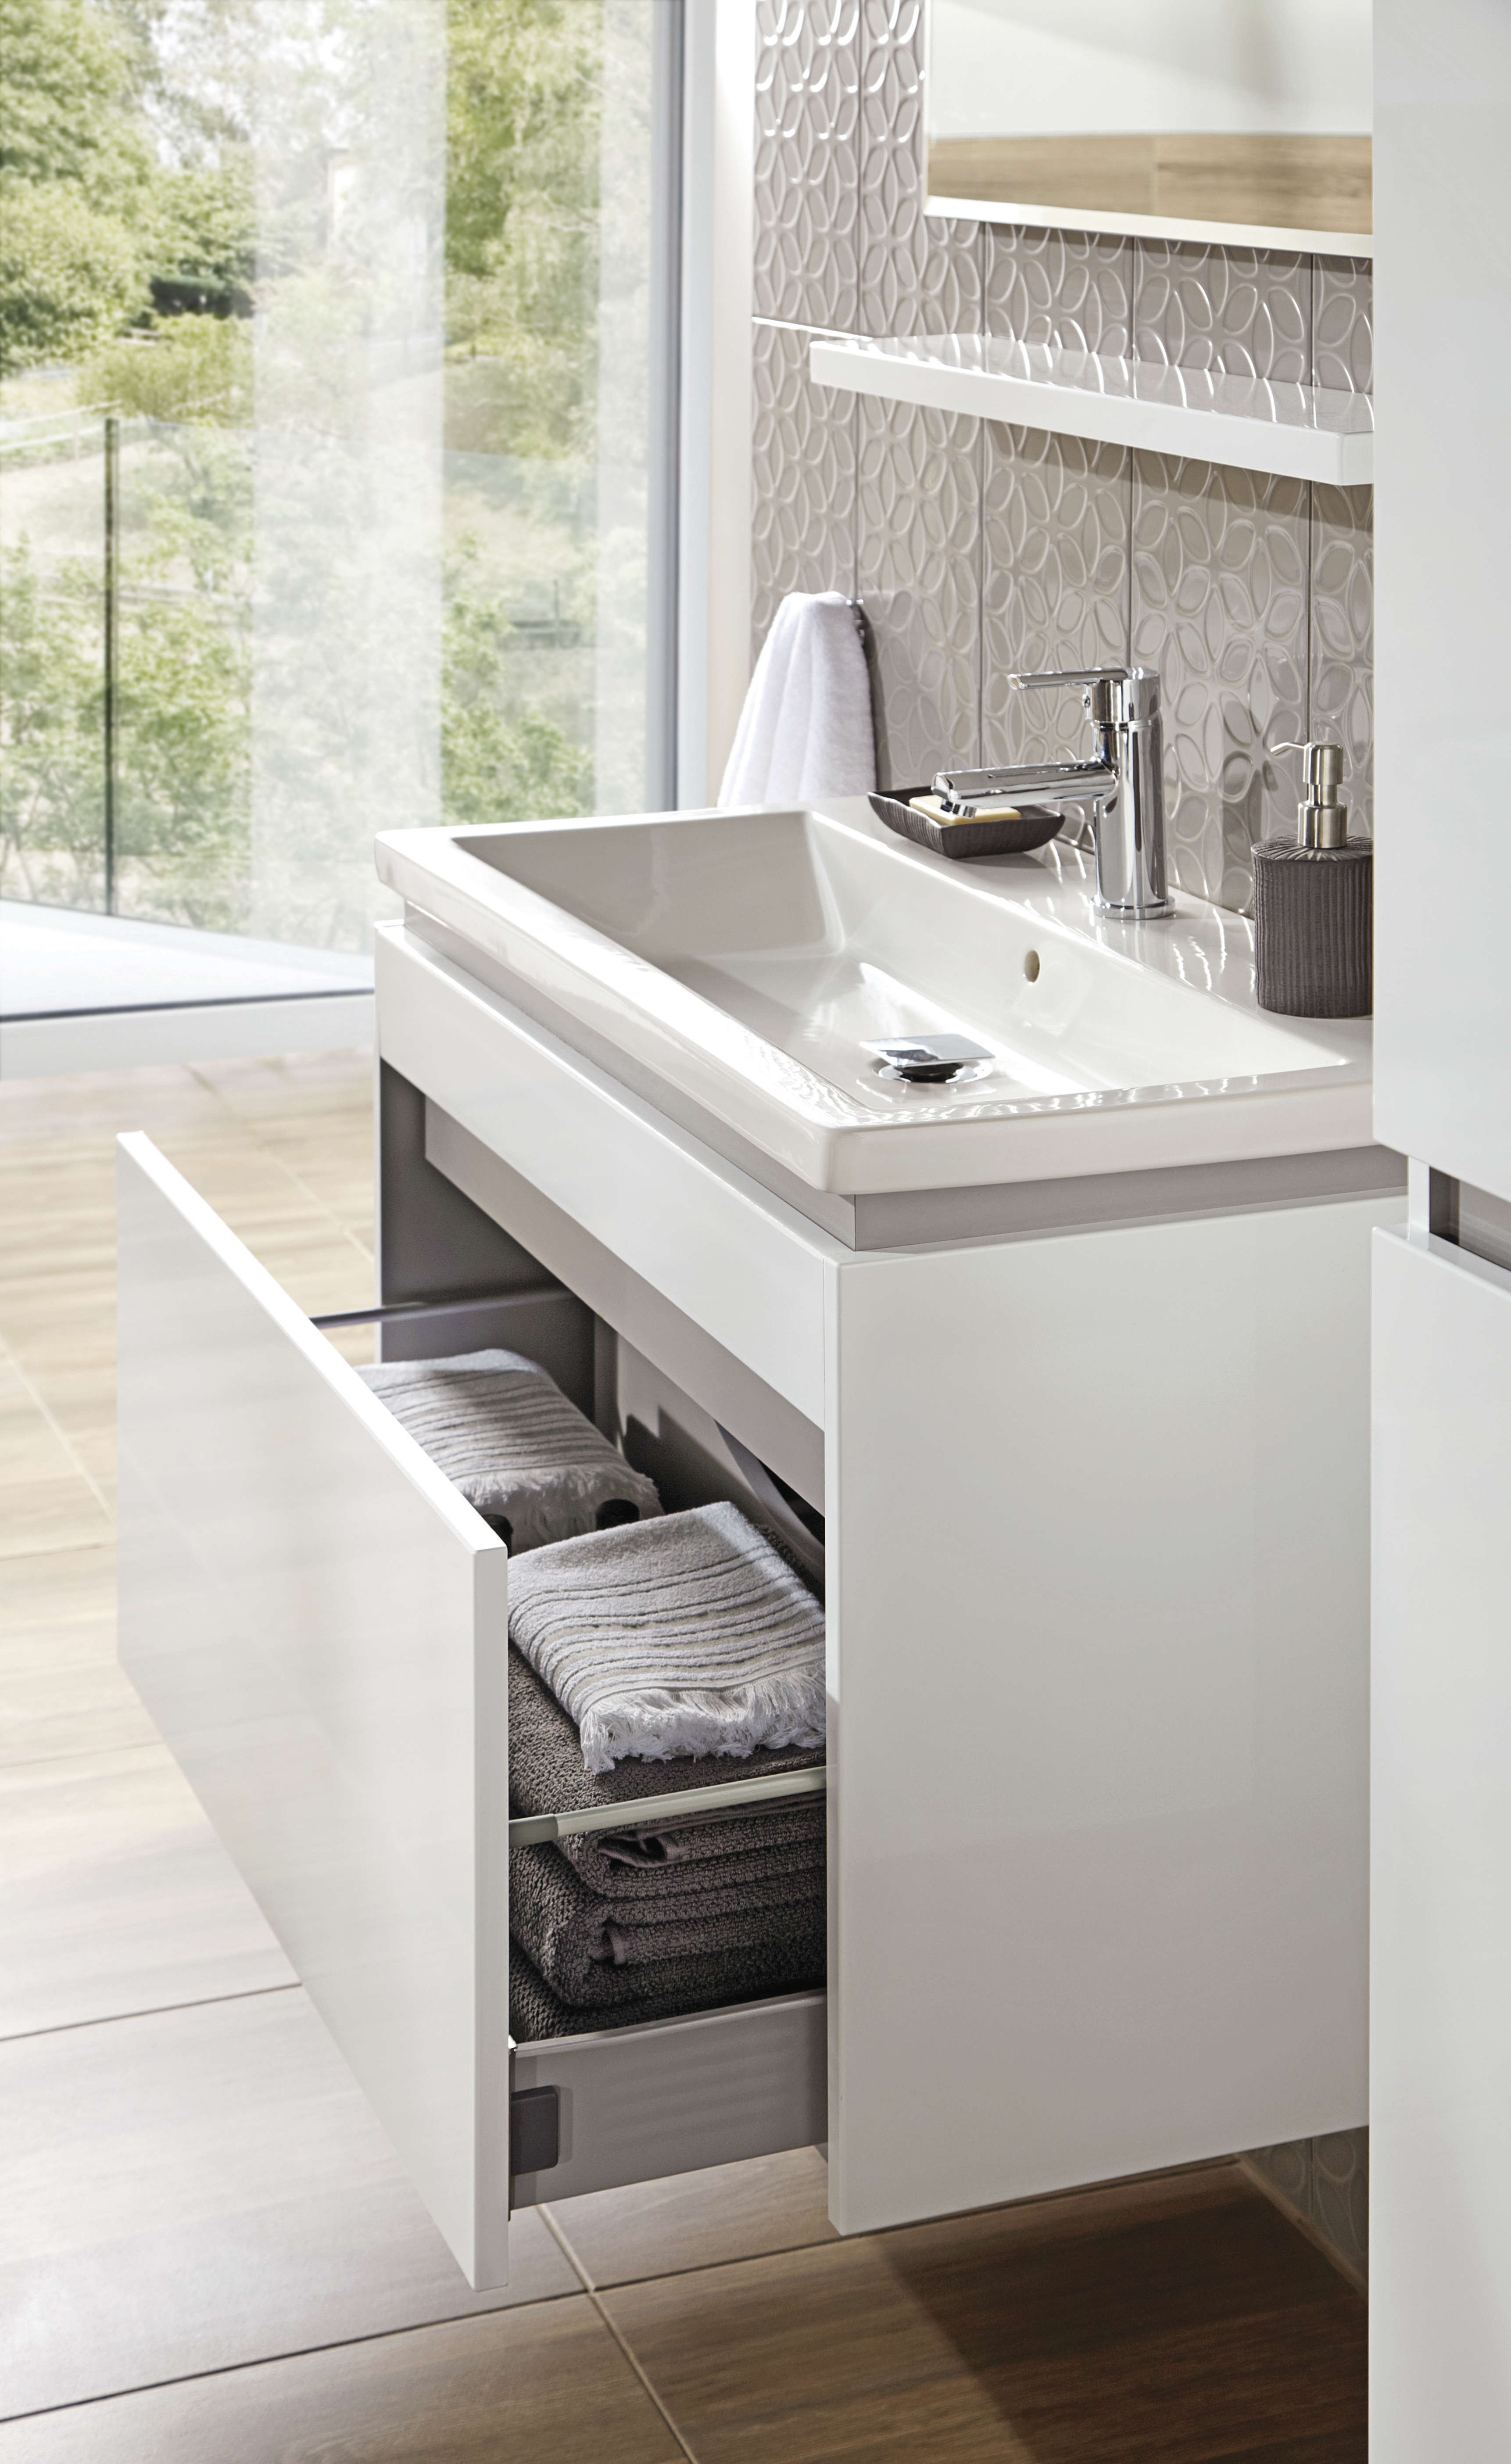 wunderbar waschbecken mit unterschrank bauhaus ehoussie. Black Bedroom Furniture Sets. Home Design Ideas